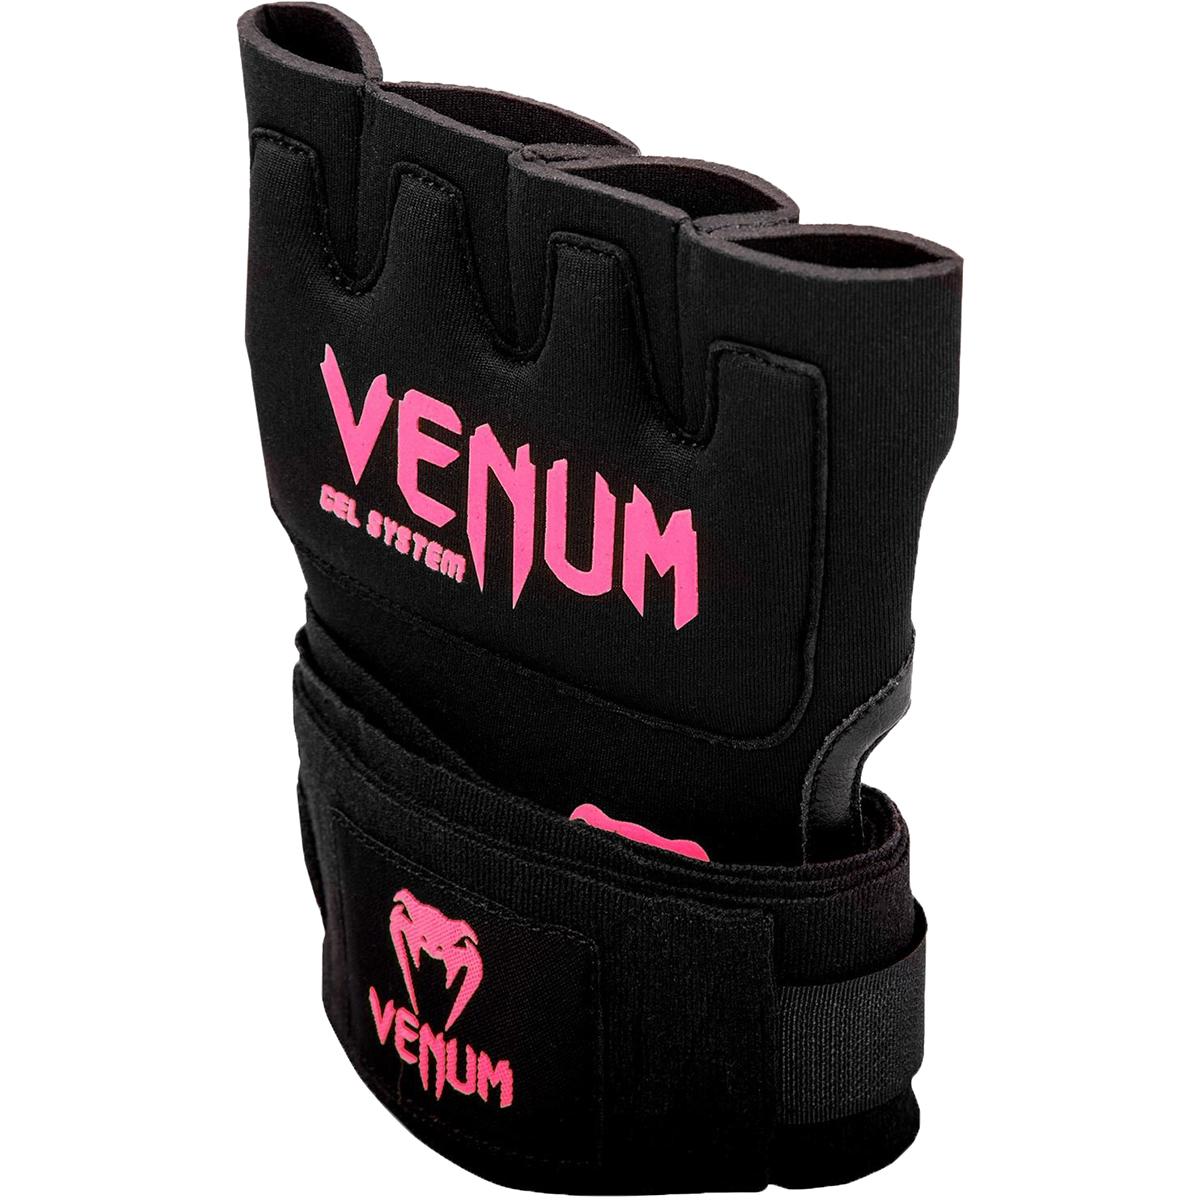 Venum Kontact Protective Shock Absorbing Gel MMA Glove Wraps